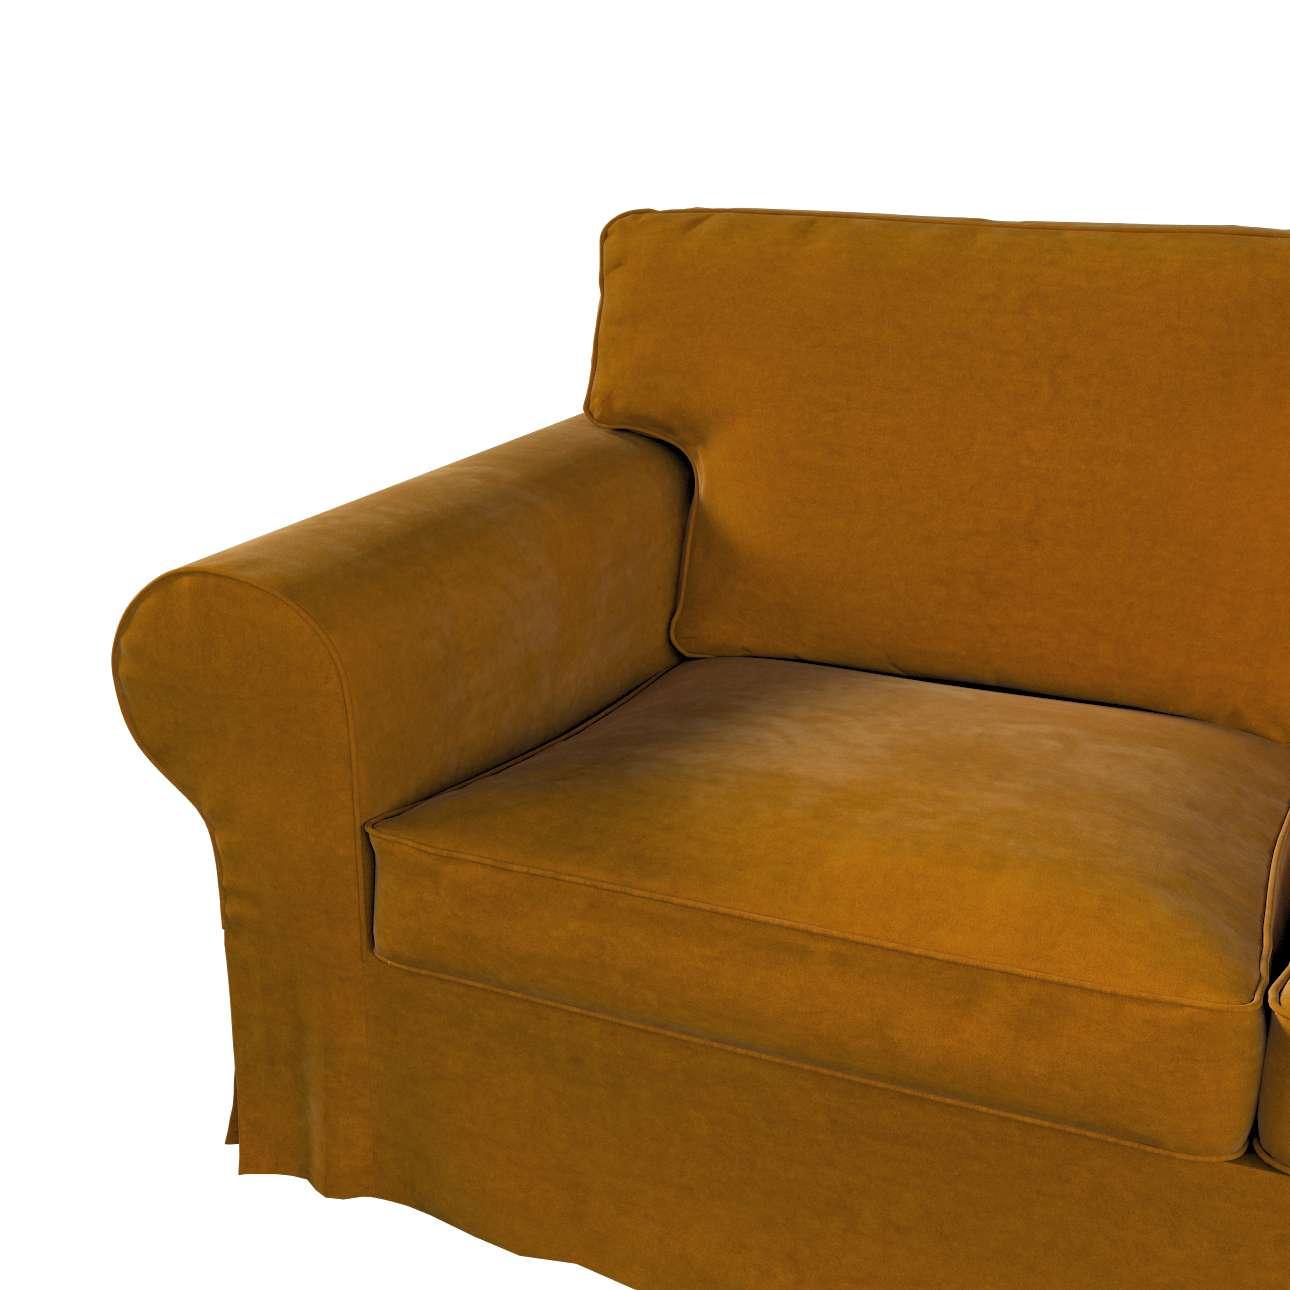 Pokrowiec na sofę Ektorp 2-osobową i leżankę w kolekcji Velvet, tkanina: 704-23